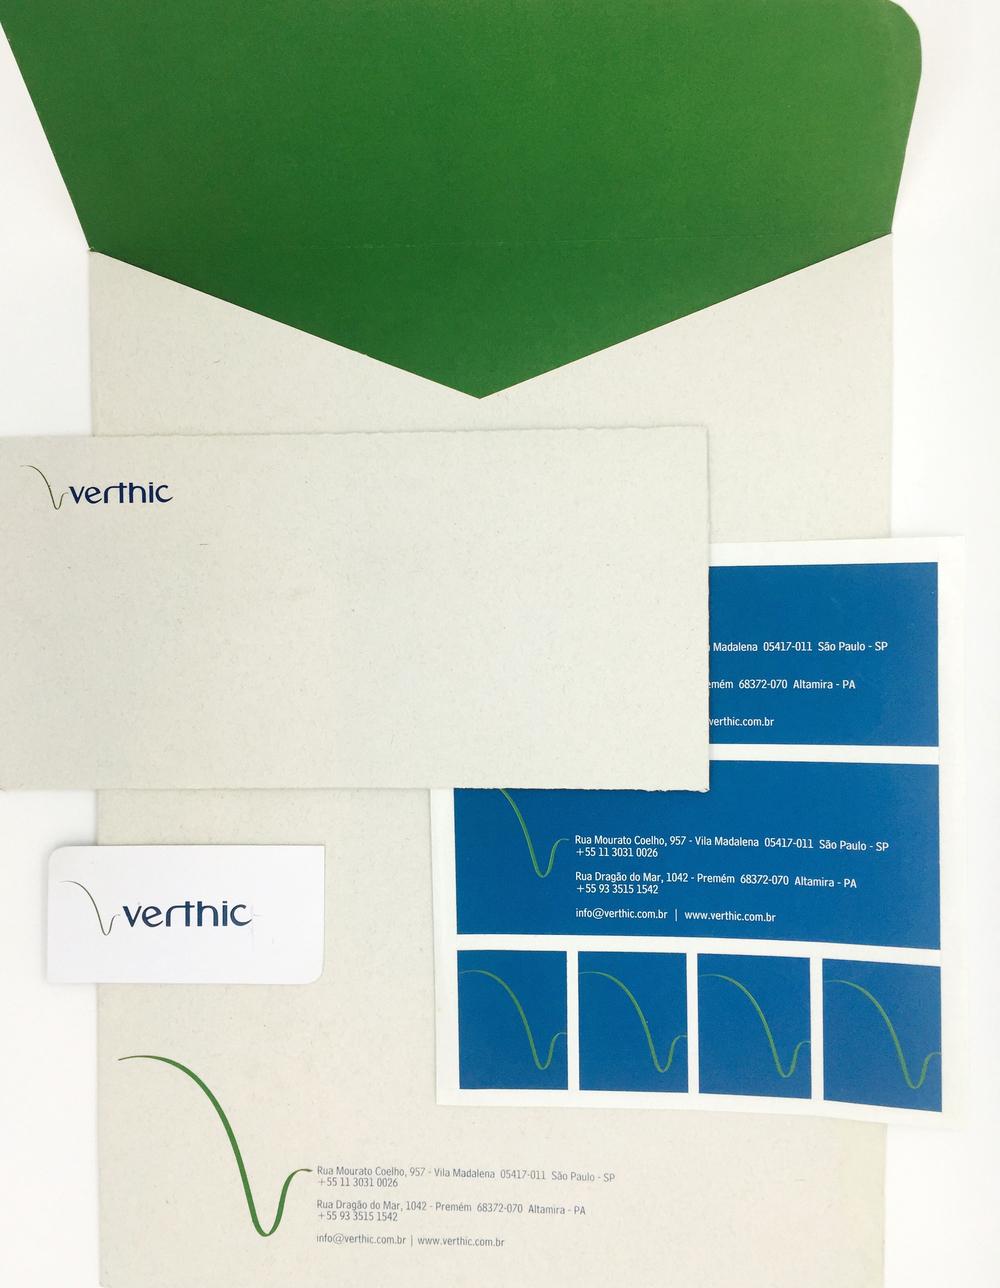 Verthic